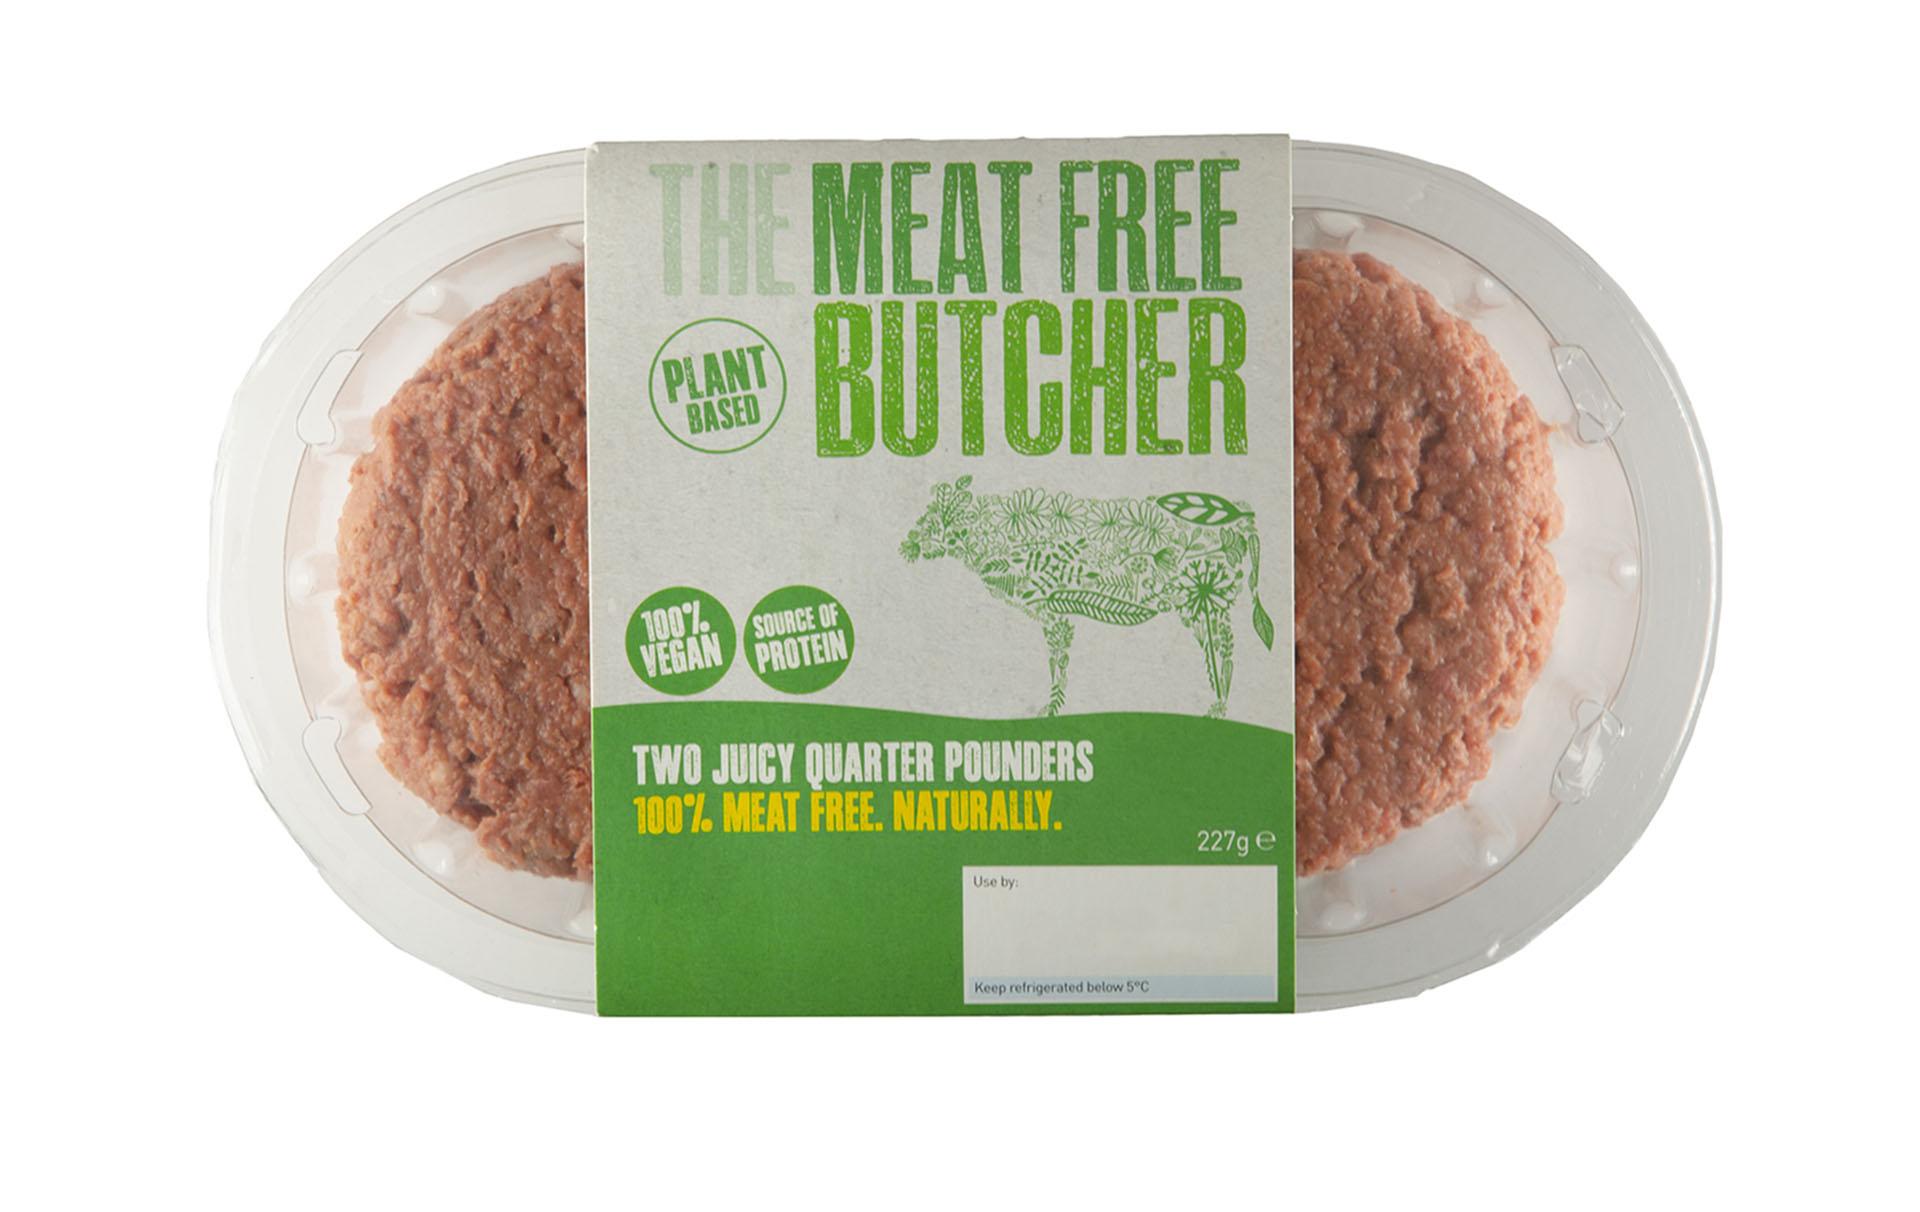 aldi launches vegan burger